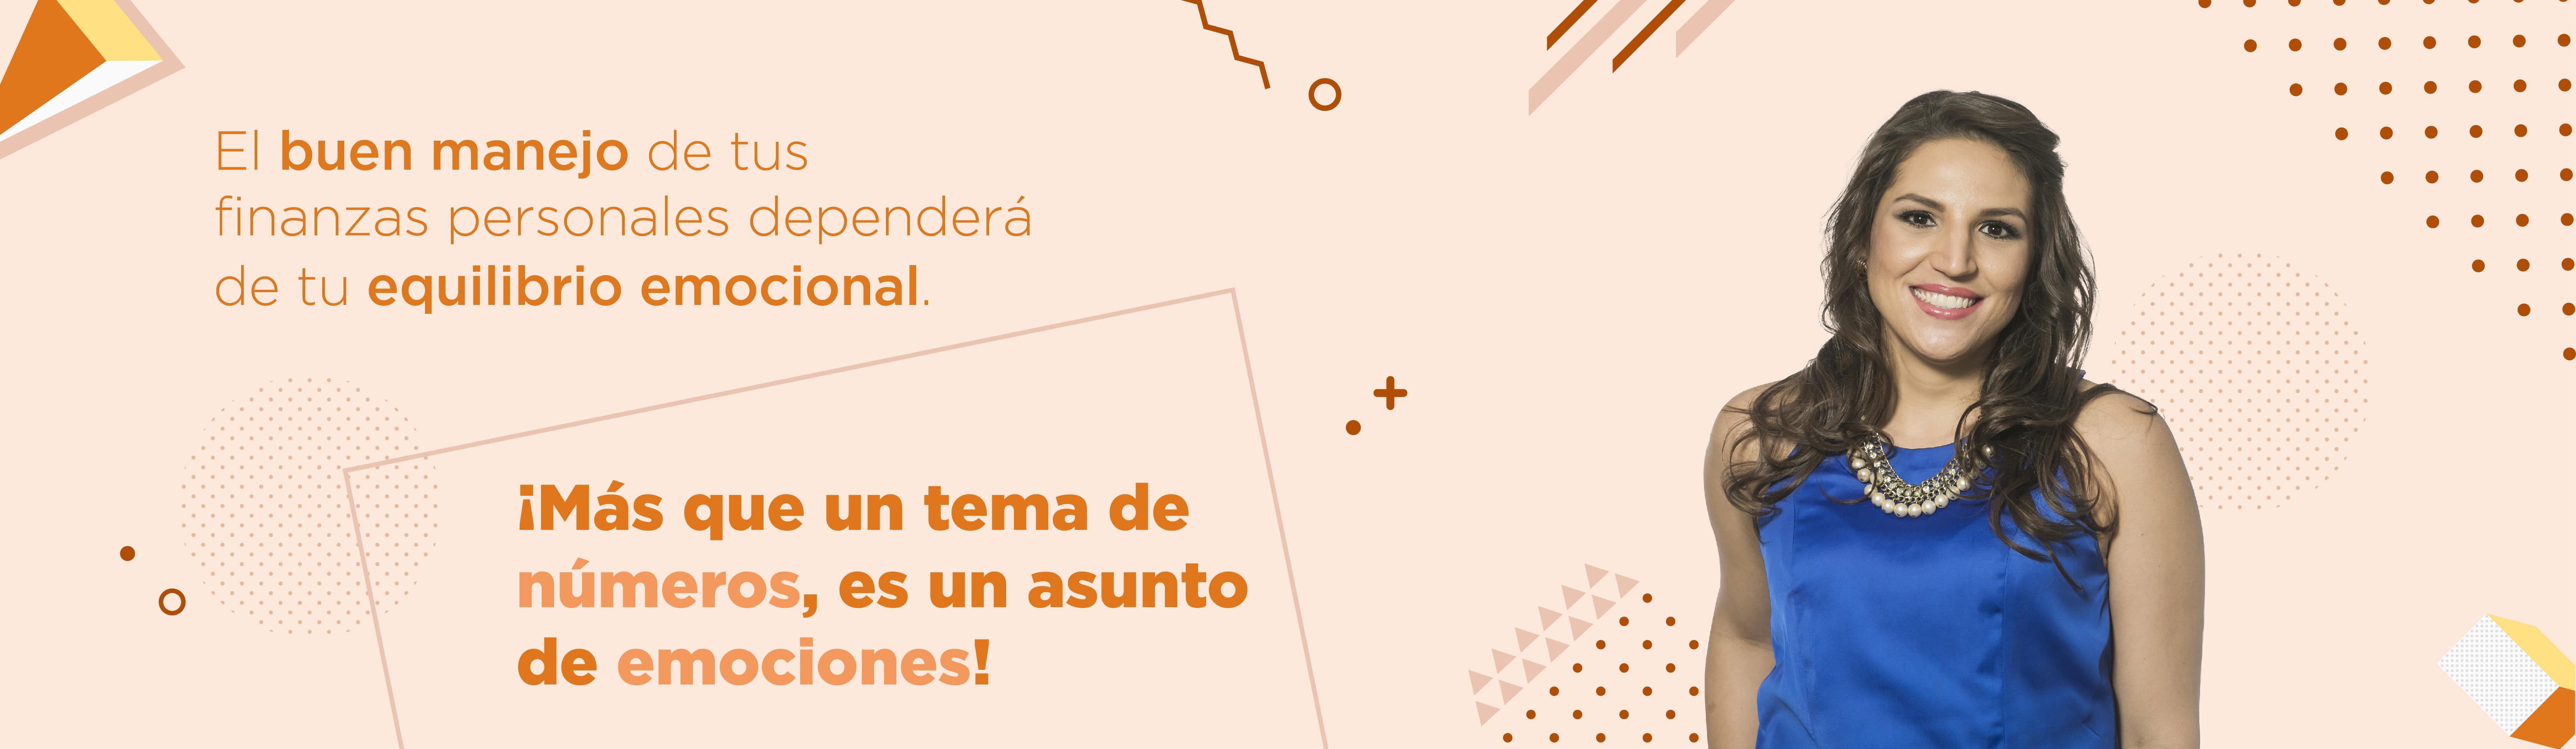 portadas-página-webnueva-02